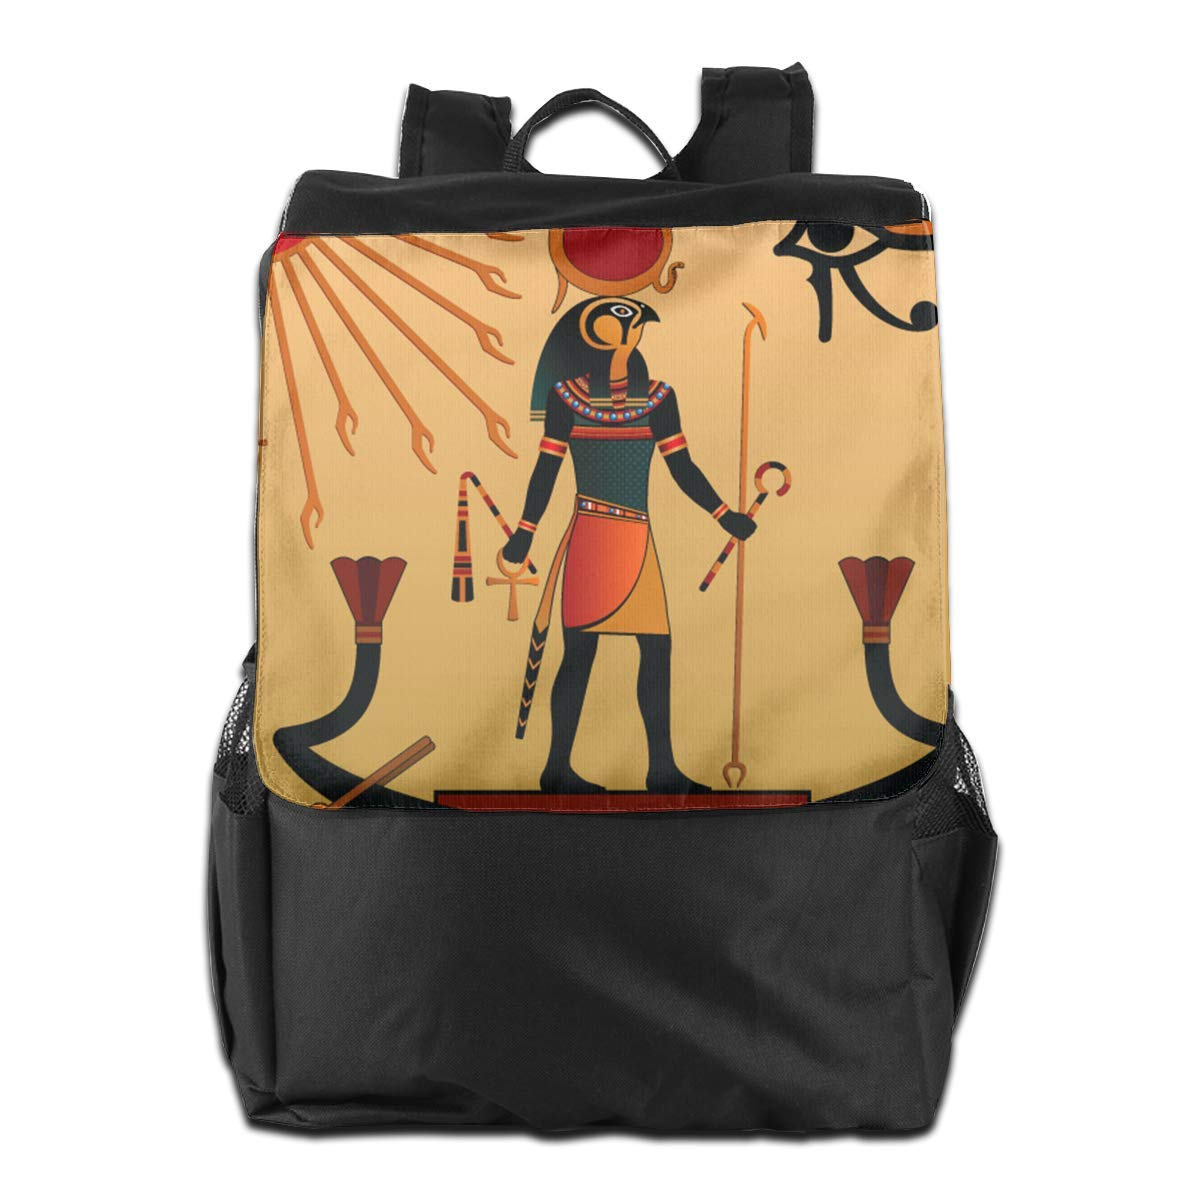 hgfdhfgjrfj Ancient Egyptian Sun Life Women Men Laptop Travel Backpack College School Bookbag UZLF3AZQKV7Z9EC3HL5I